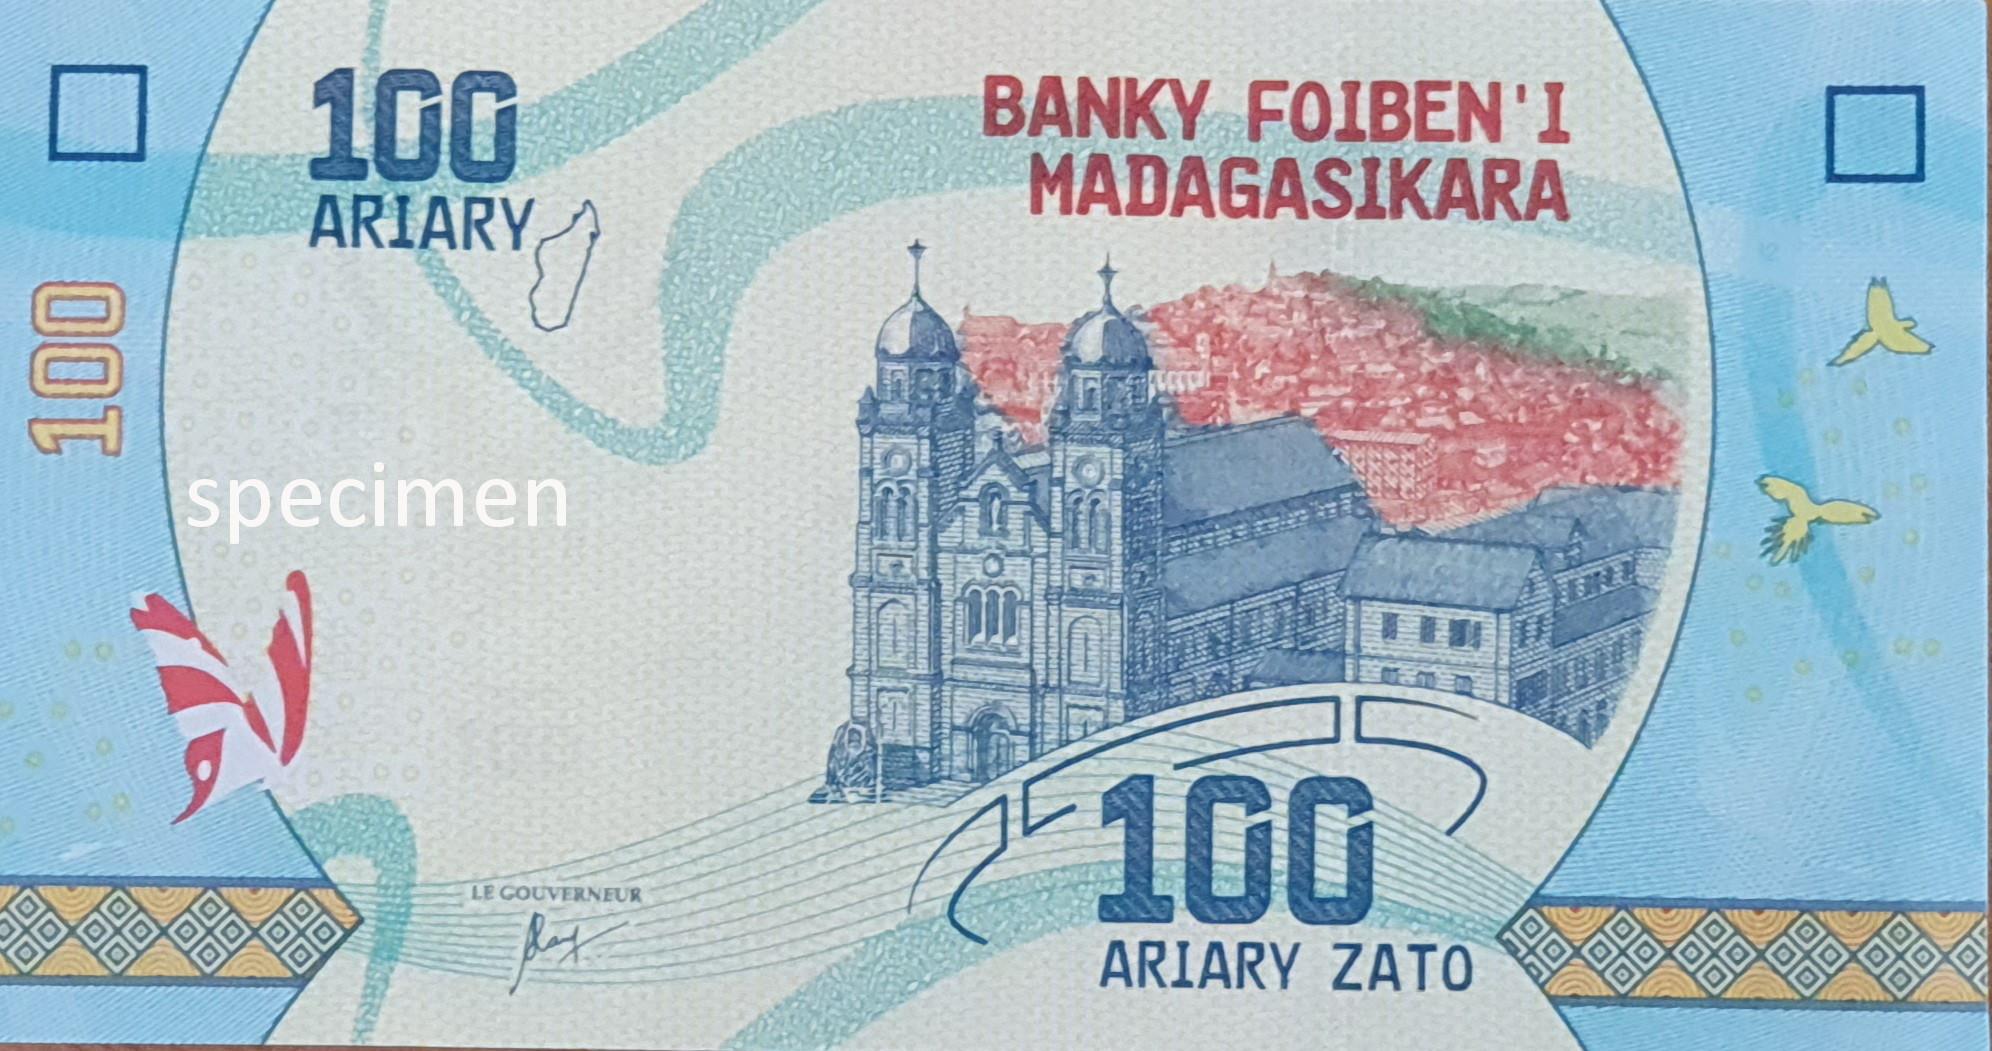 Banknote in Madagaskar, Geldschein von 100 Ariary